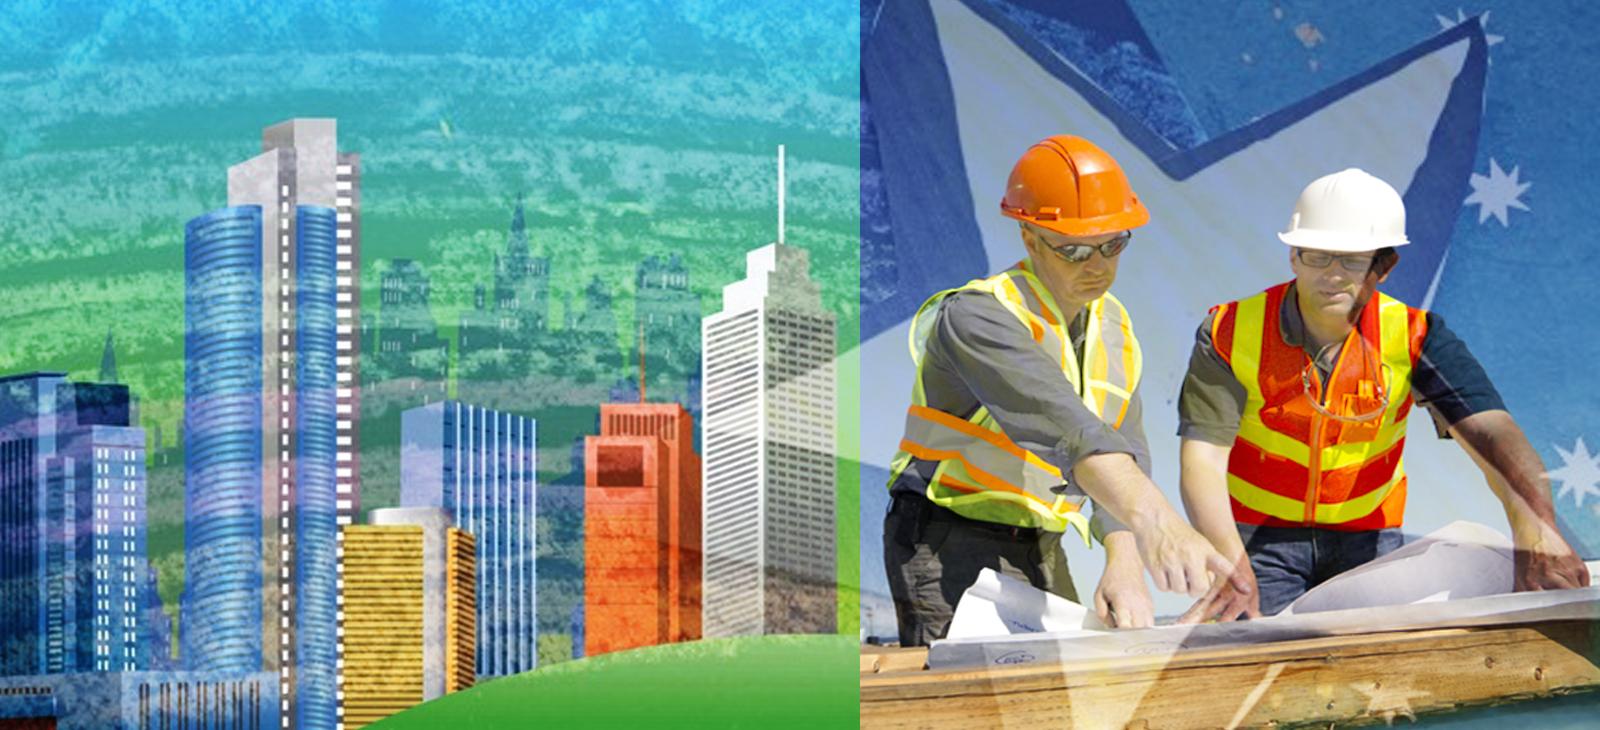 Harga Jasa Desain Gambar 3D Konstruksi Bangunan